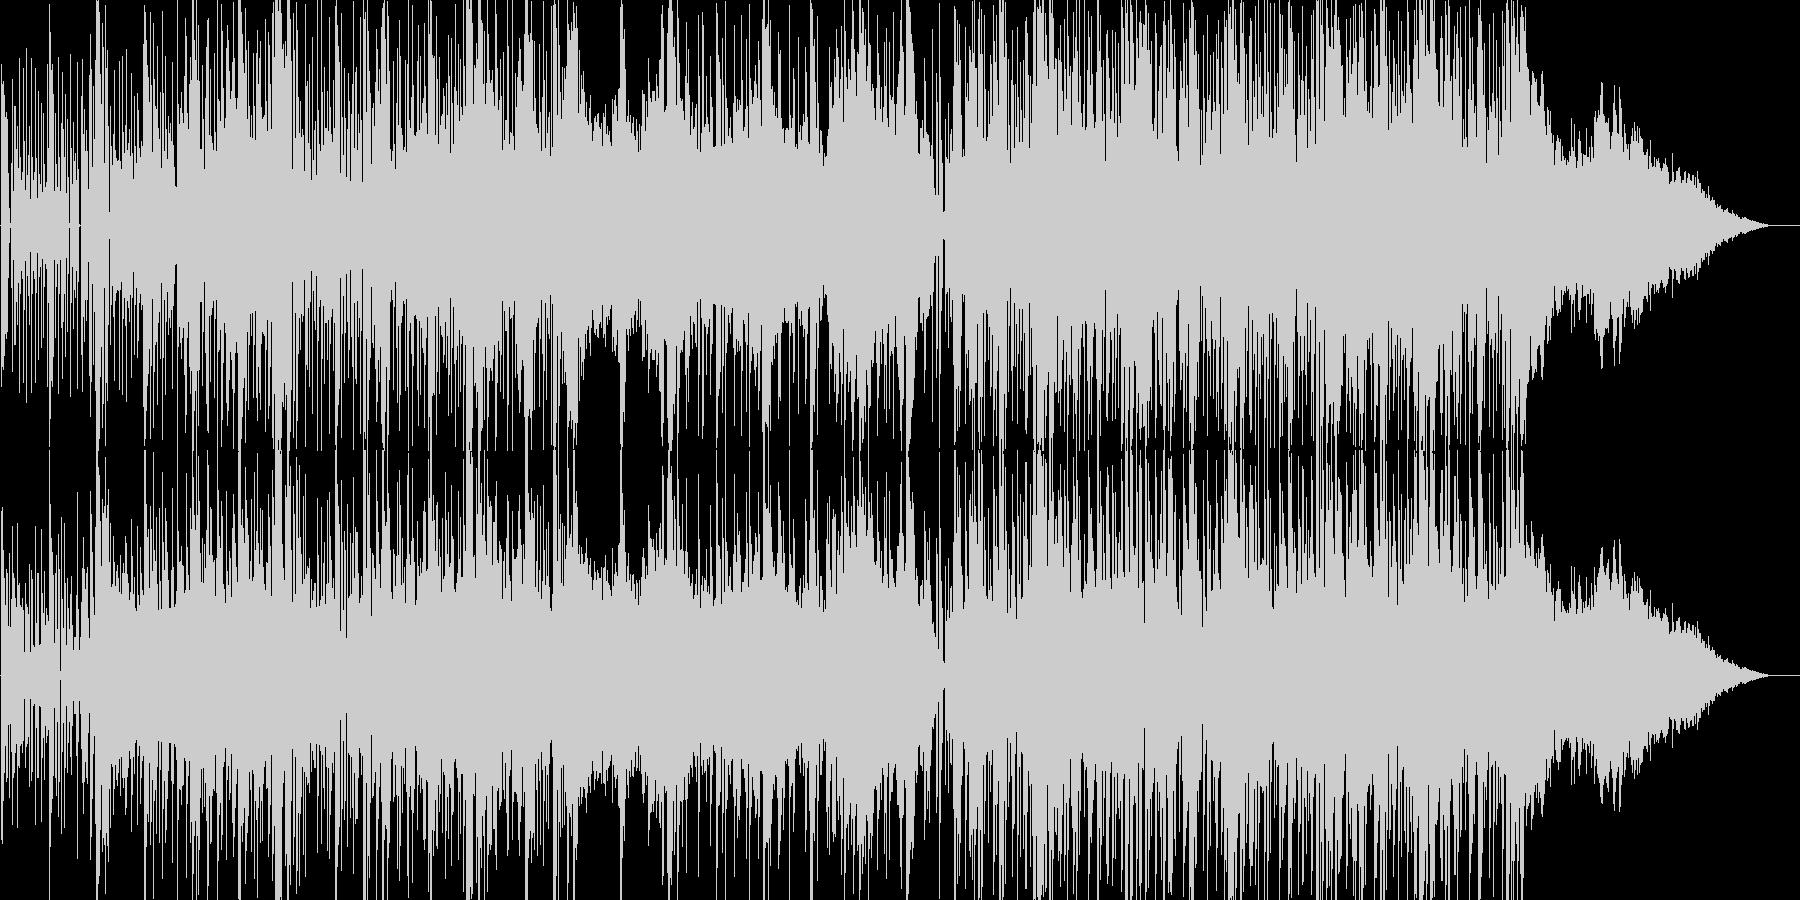 ディストピア・アポカリプスなエレクトロの未再生の波形